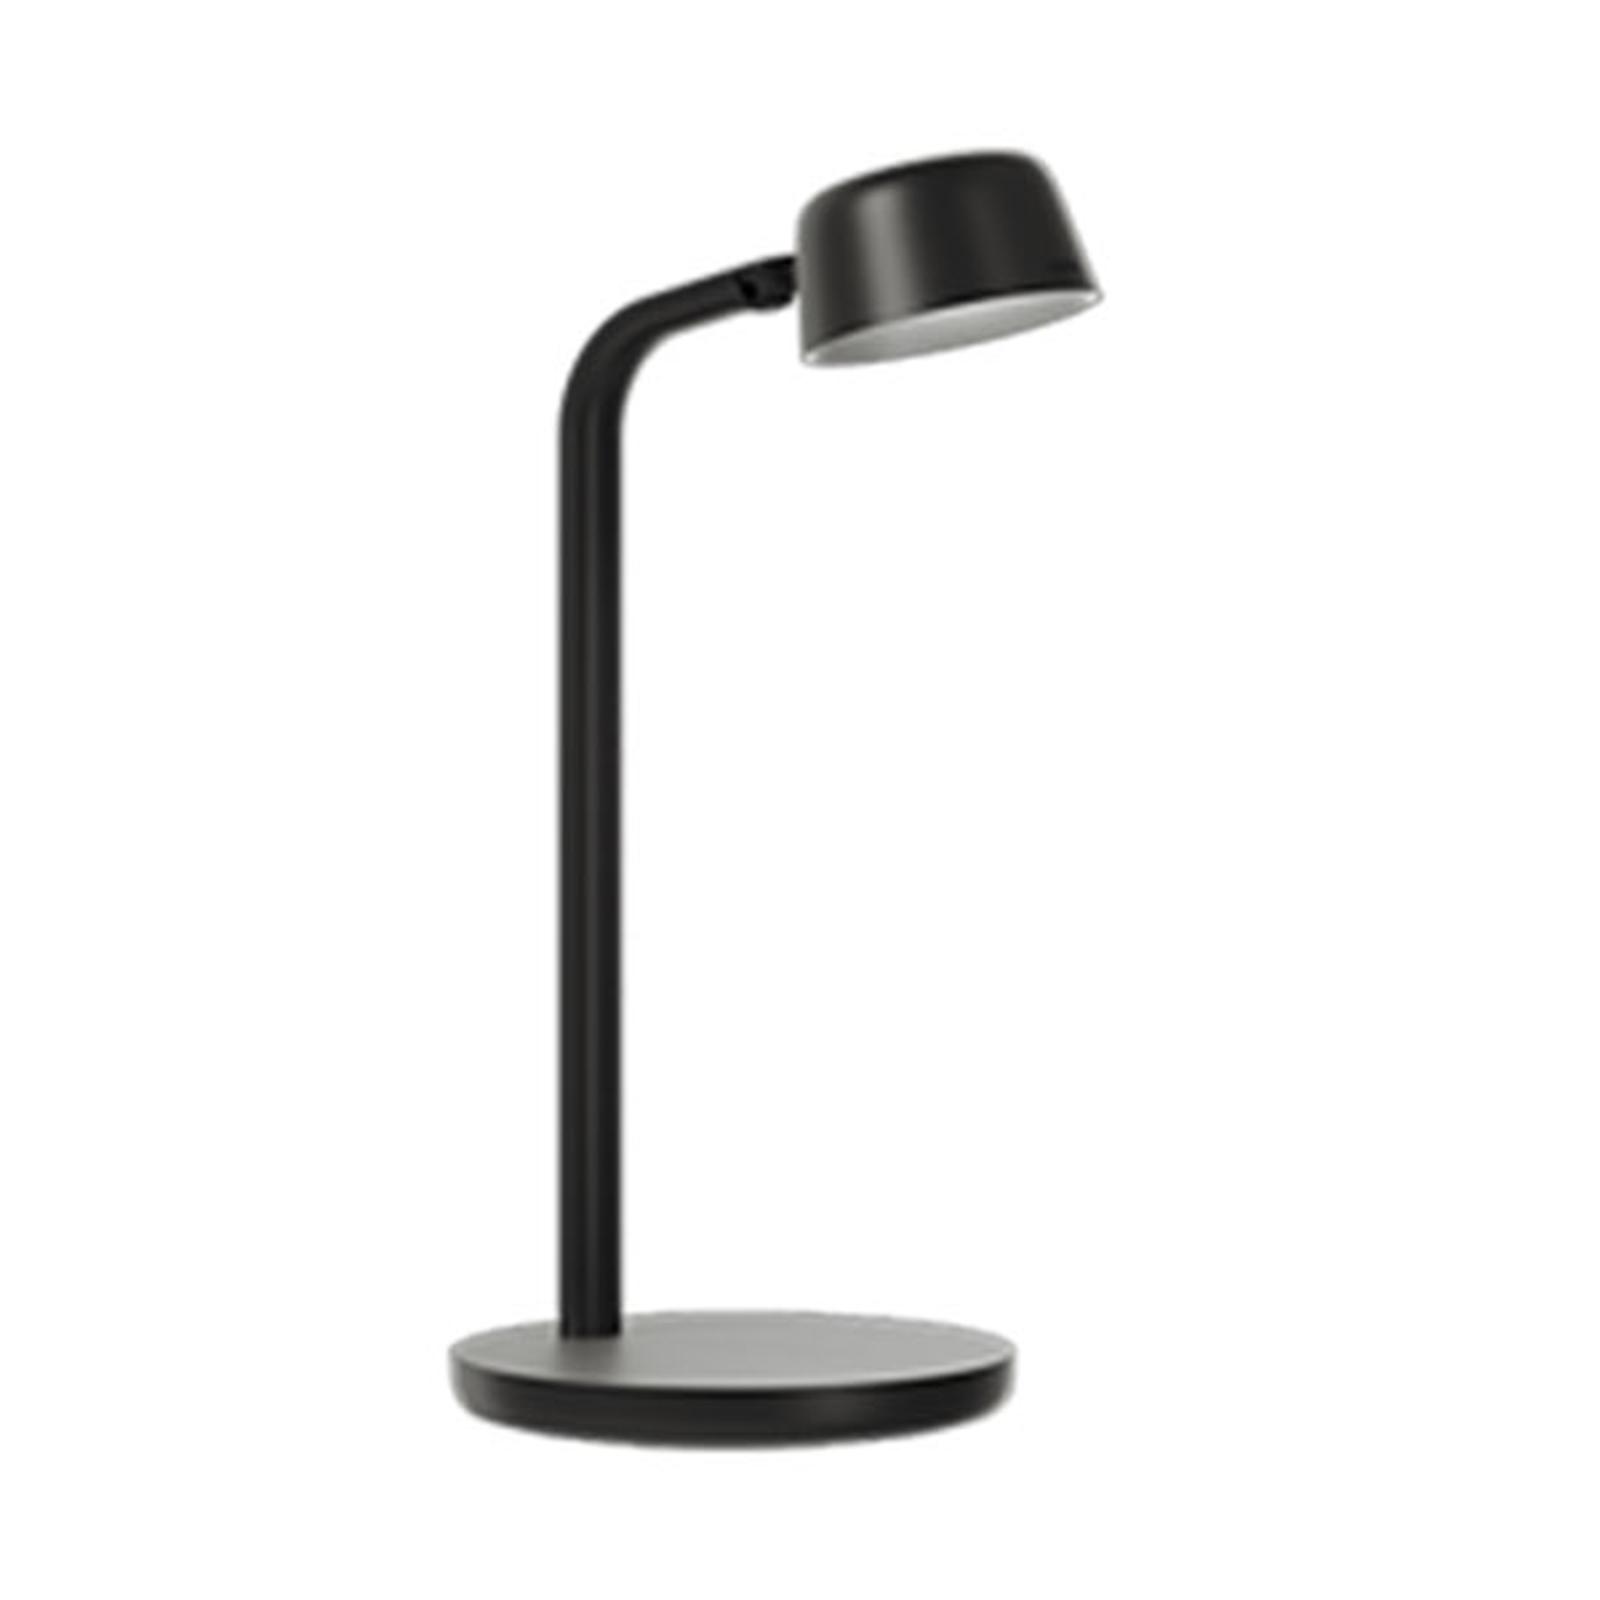 LED-Tischleuchte Motus Mini, dim to warm, schwarz